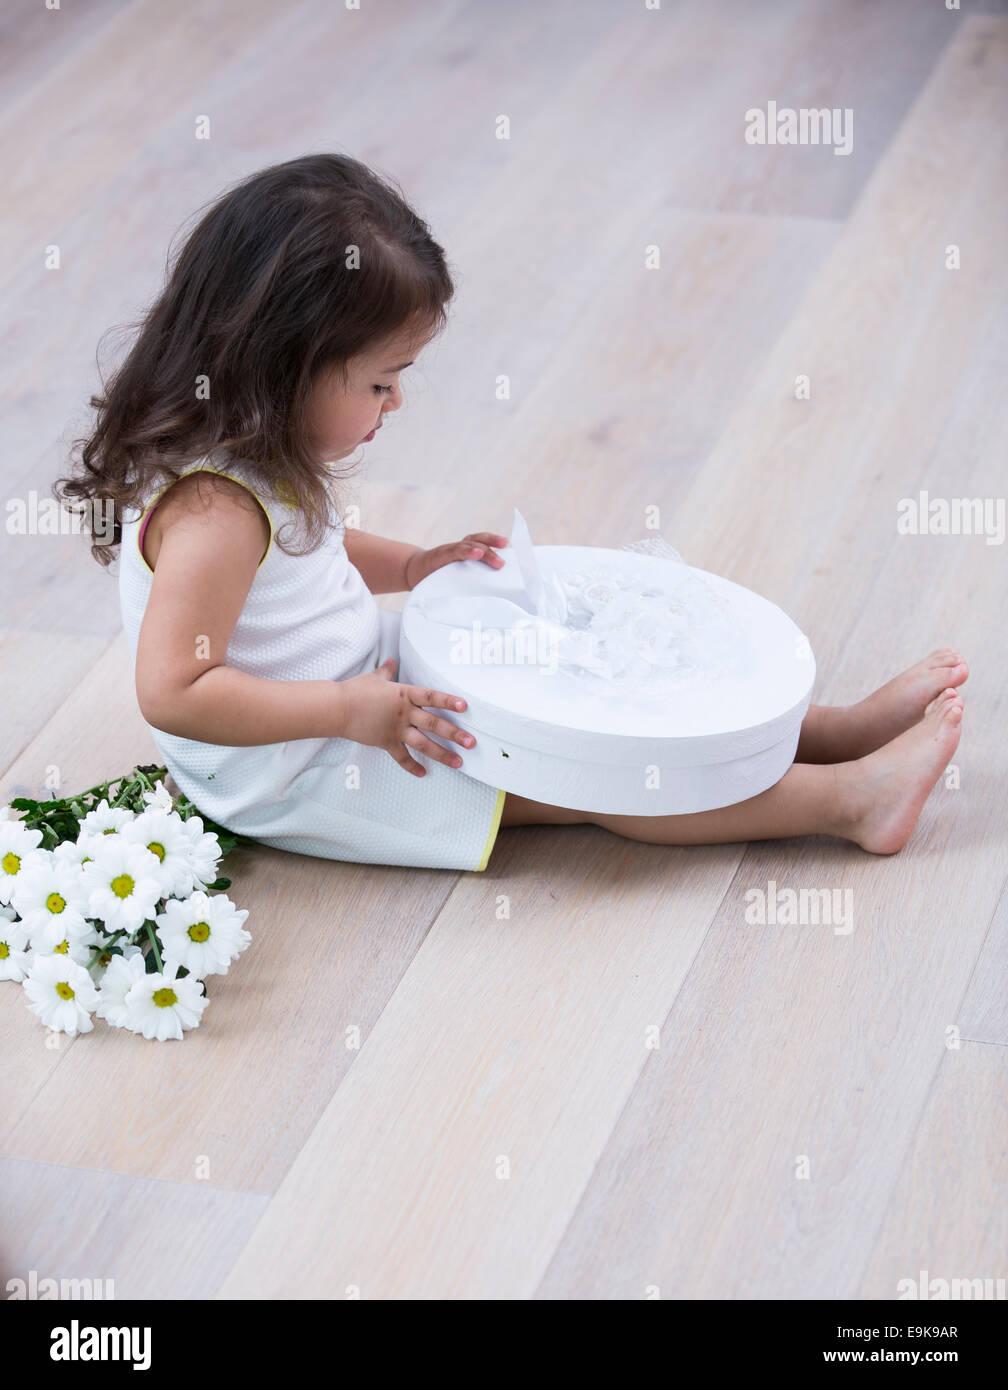 A piena lunghezza lato della bambina apertura scatola regalo sul pavimento a casa Immagini Stock